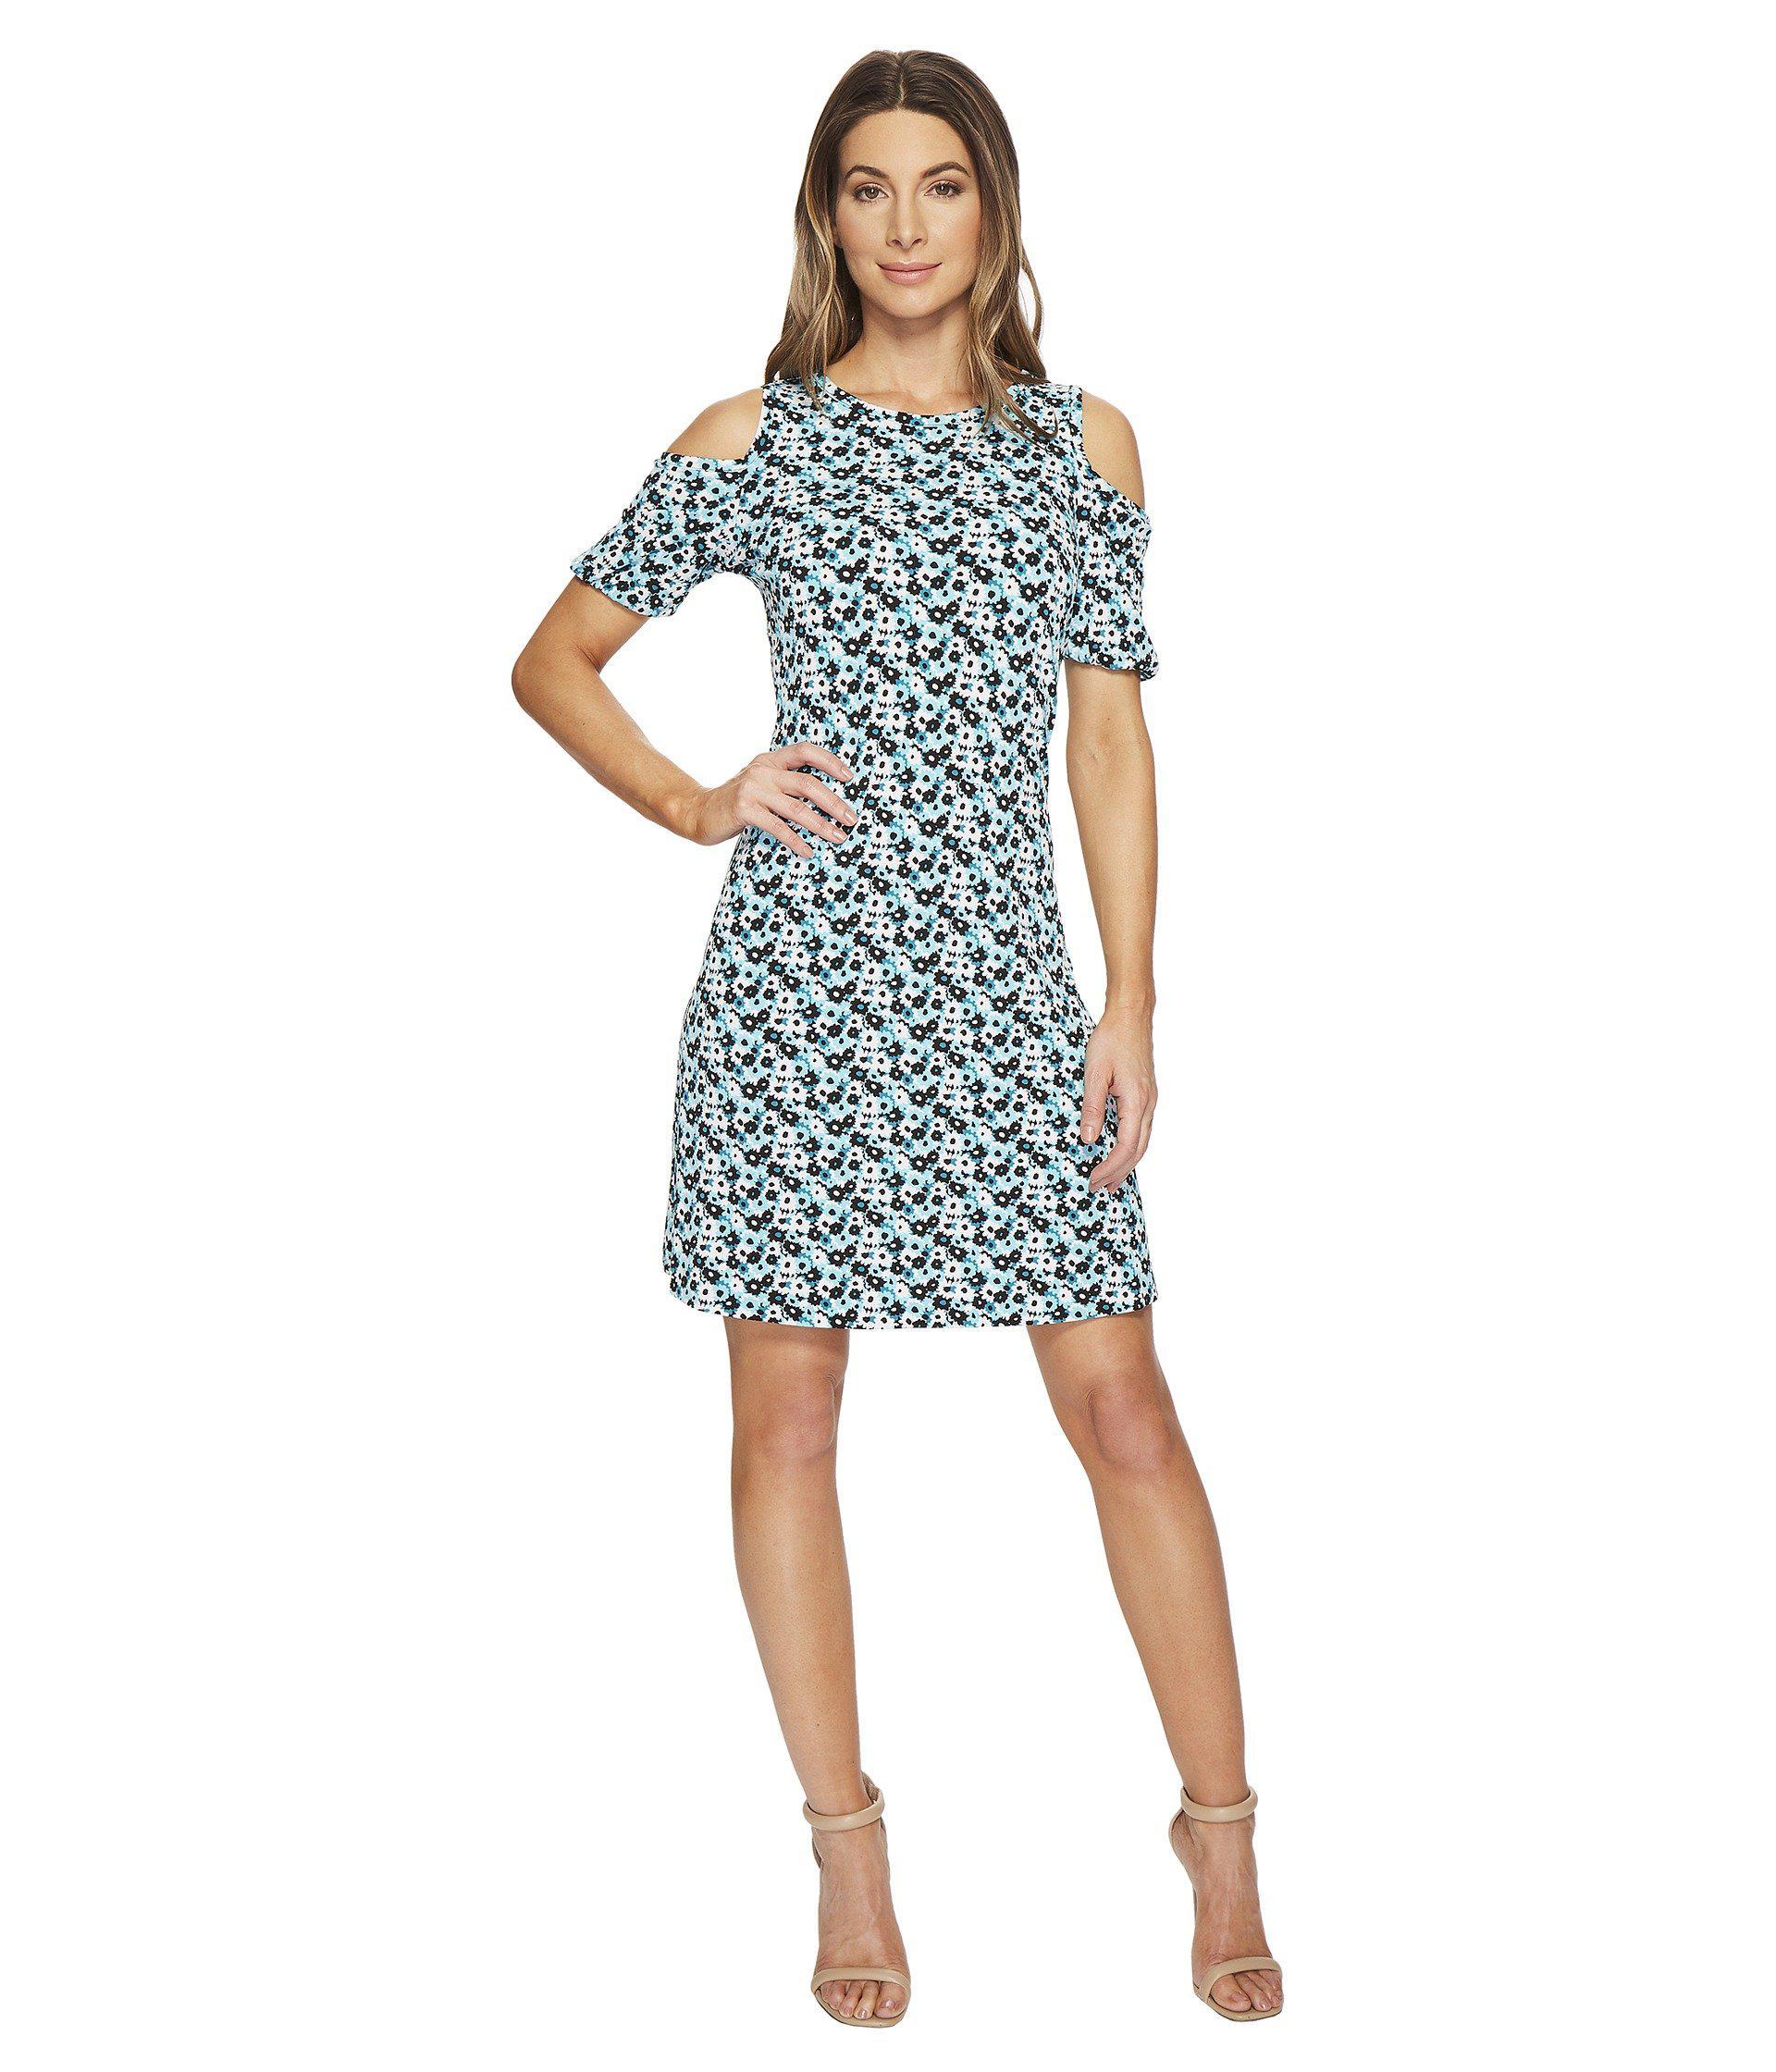 Lyst - Michael Michael Kors Carnation Cold Shoulder Dress in Blue